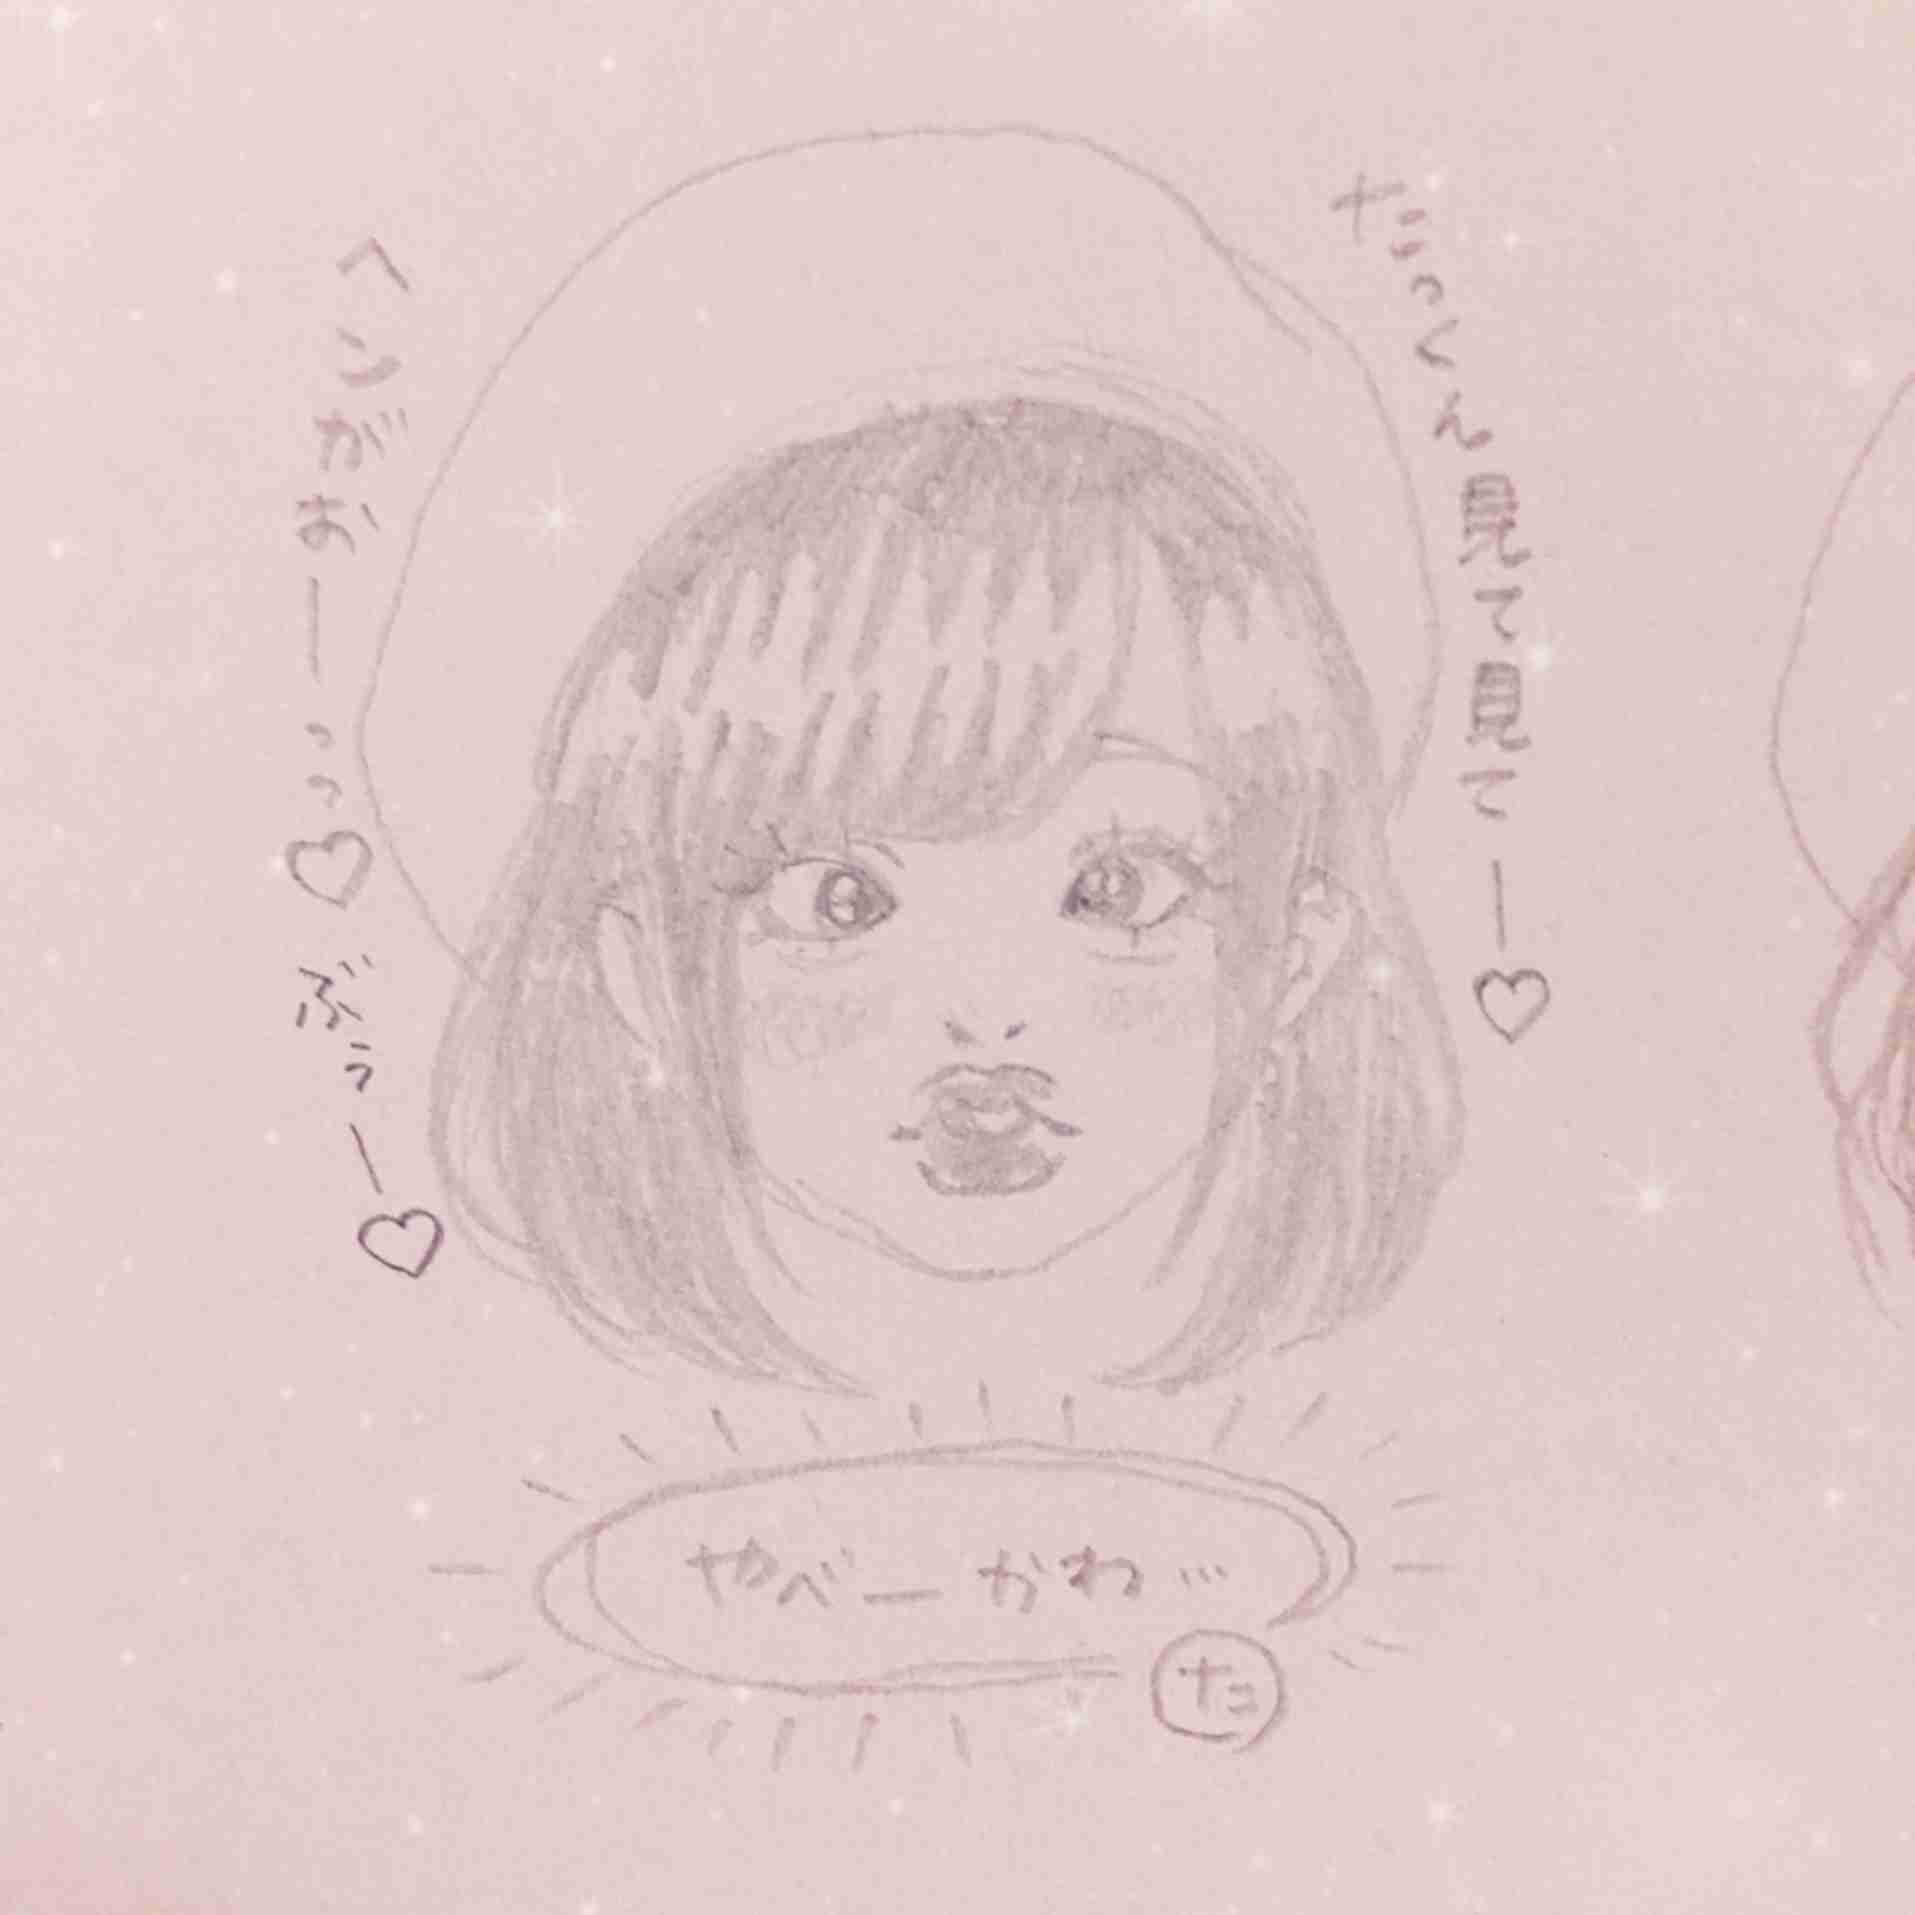 女の子の絵を描くトピPart10